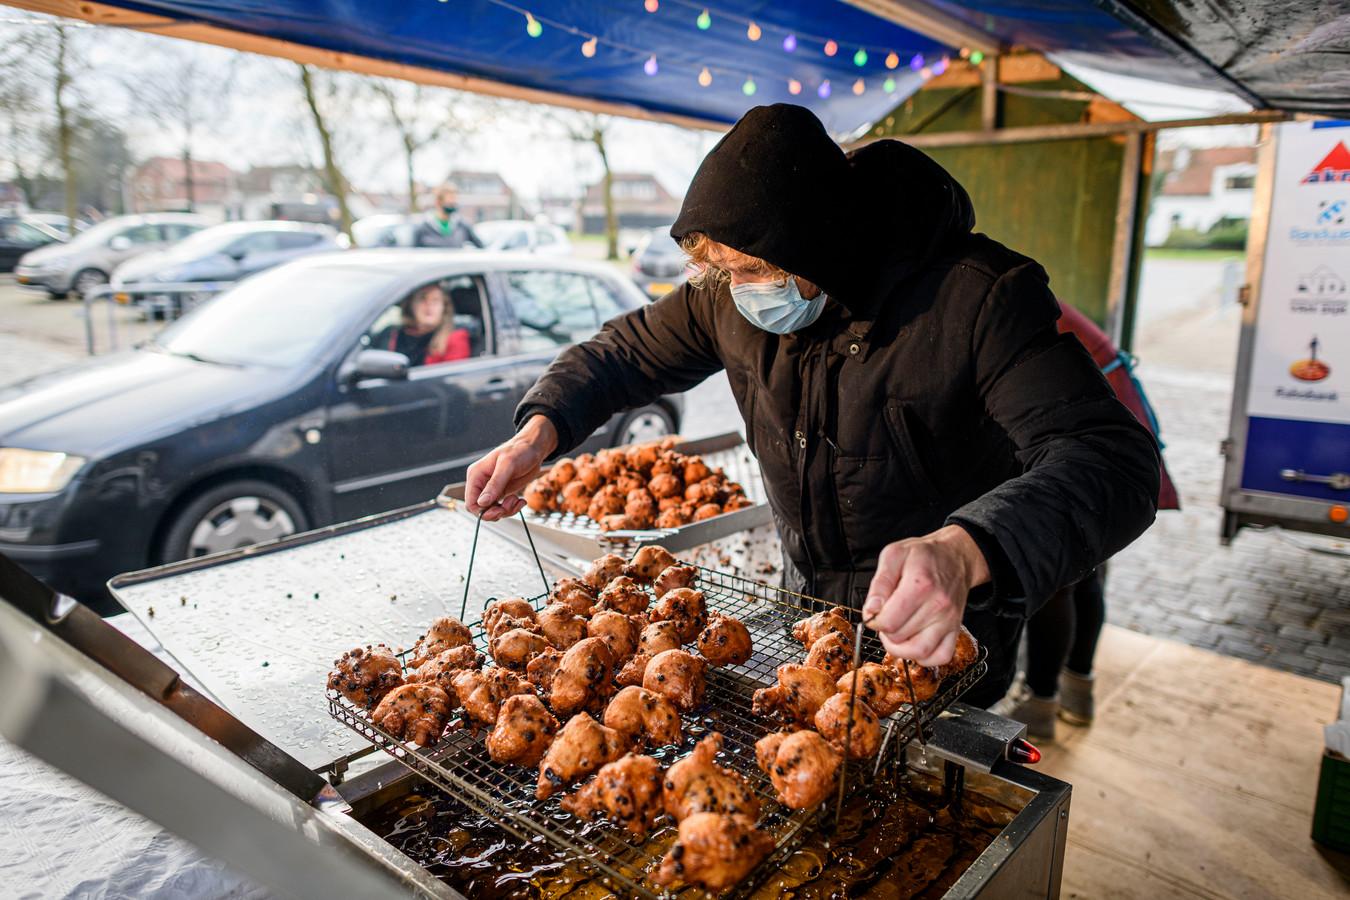 'Chef oliebol' Stef Hoekjen heeft inmiddels zoveel ervaring dat hij ze perfect goudbruin bakt.